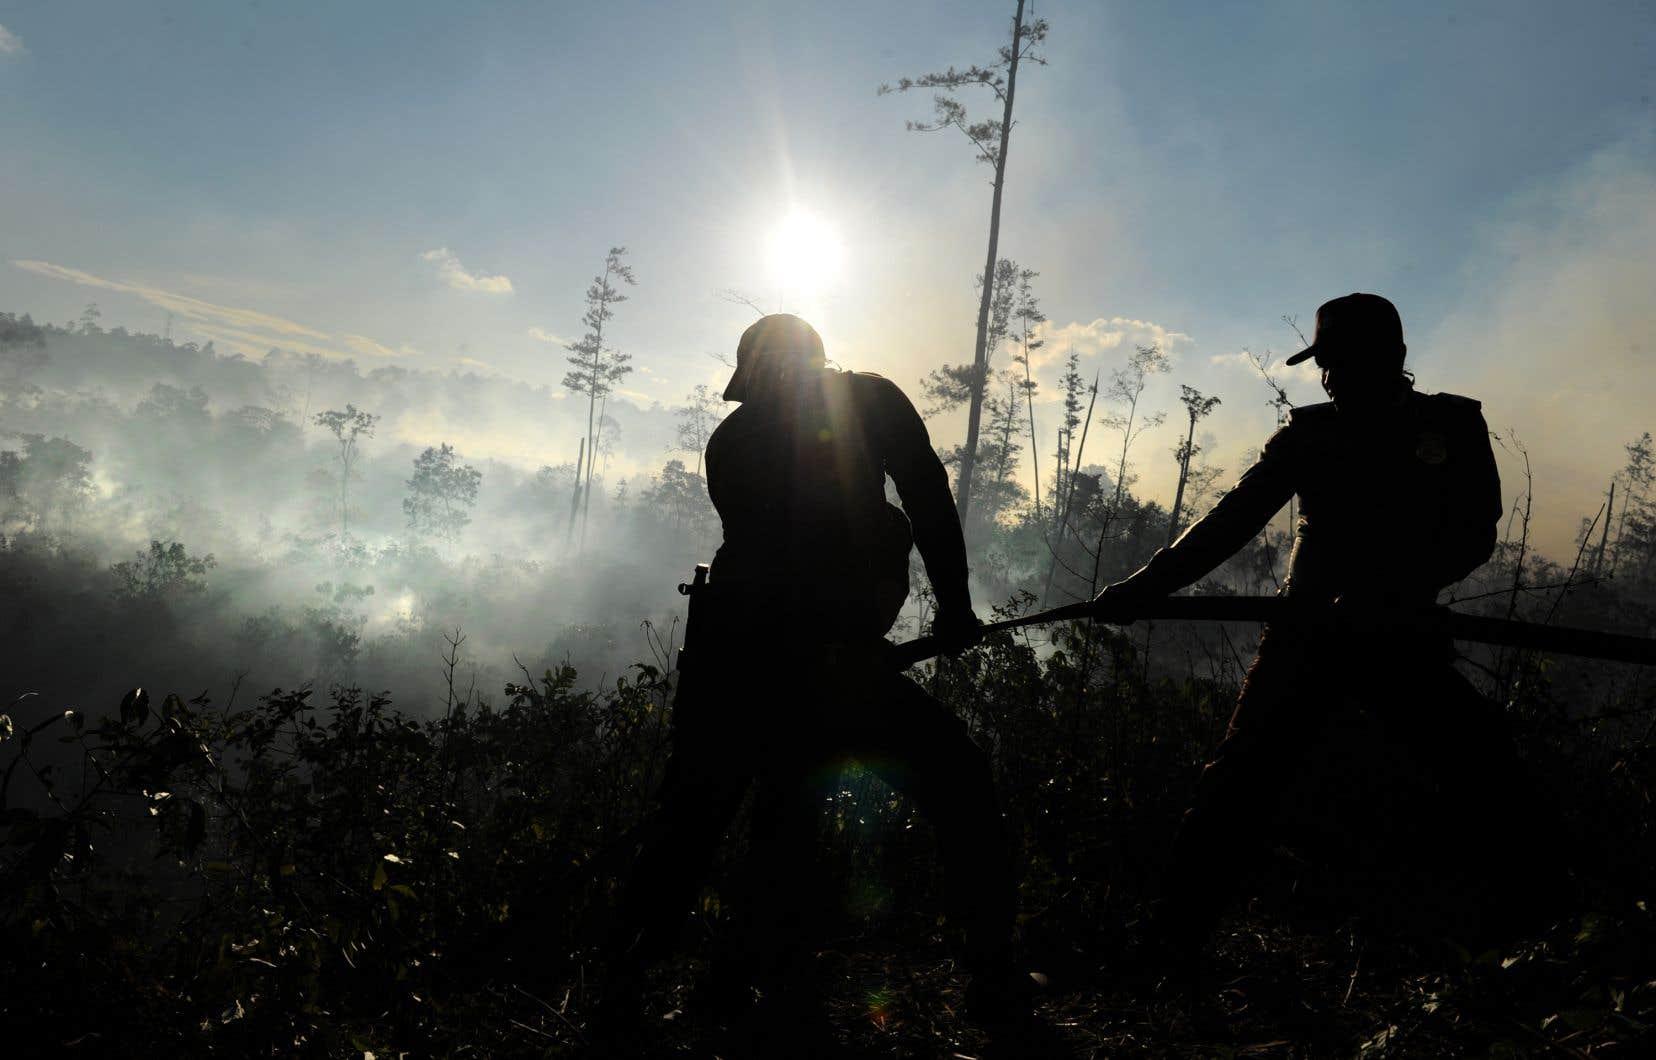 On incendie des forêts en Indonésie afin de permettre la production de l'huile de palme.